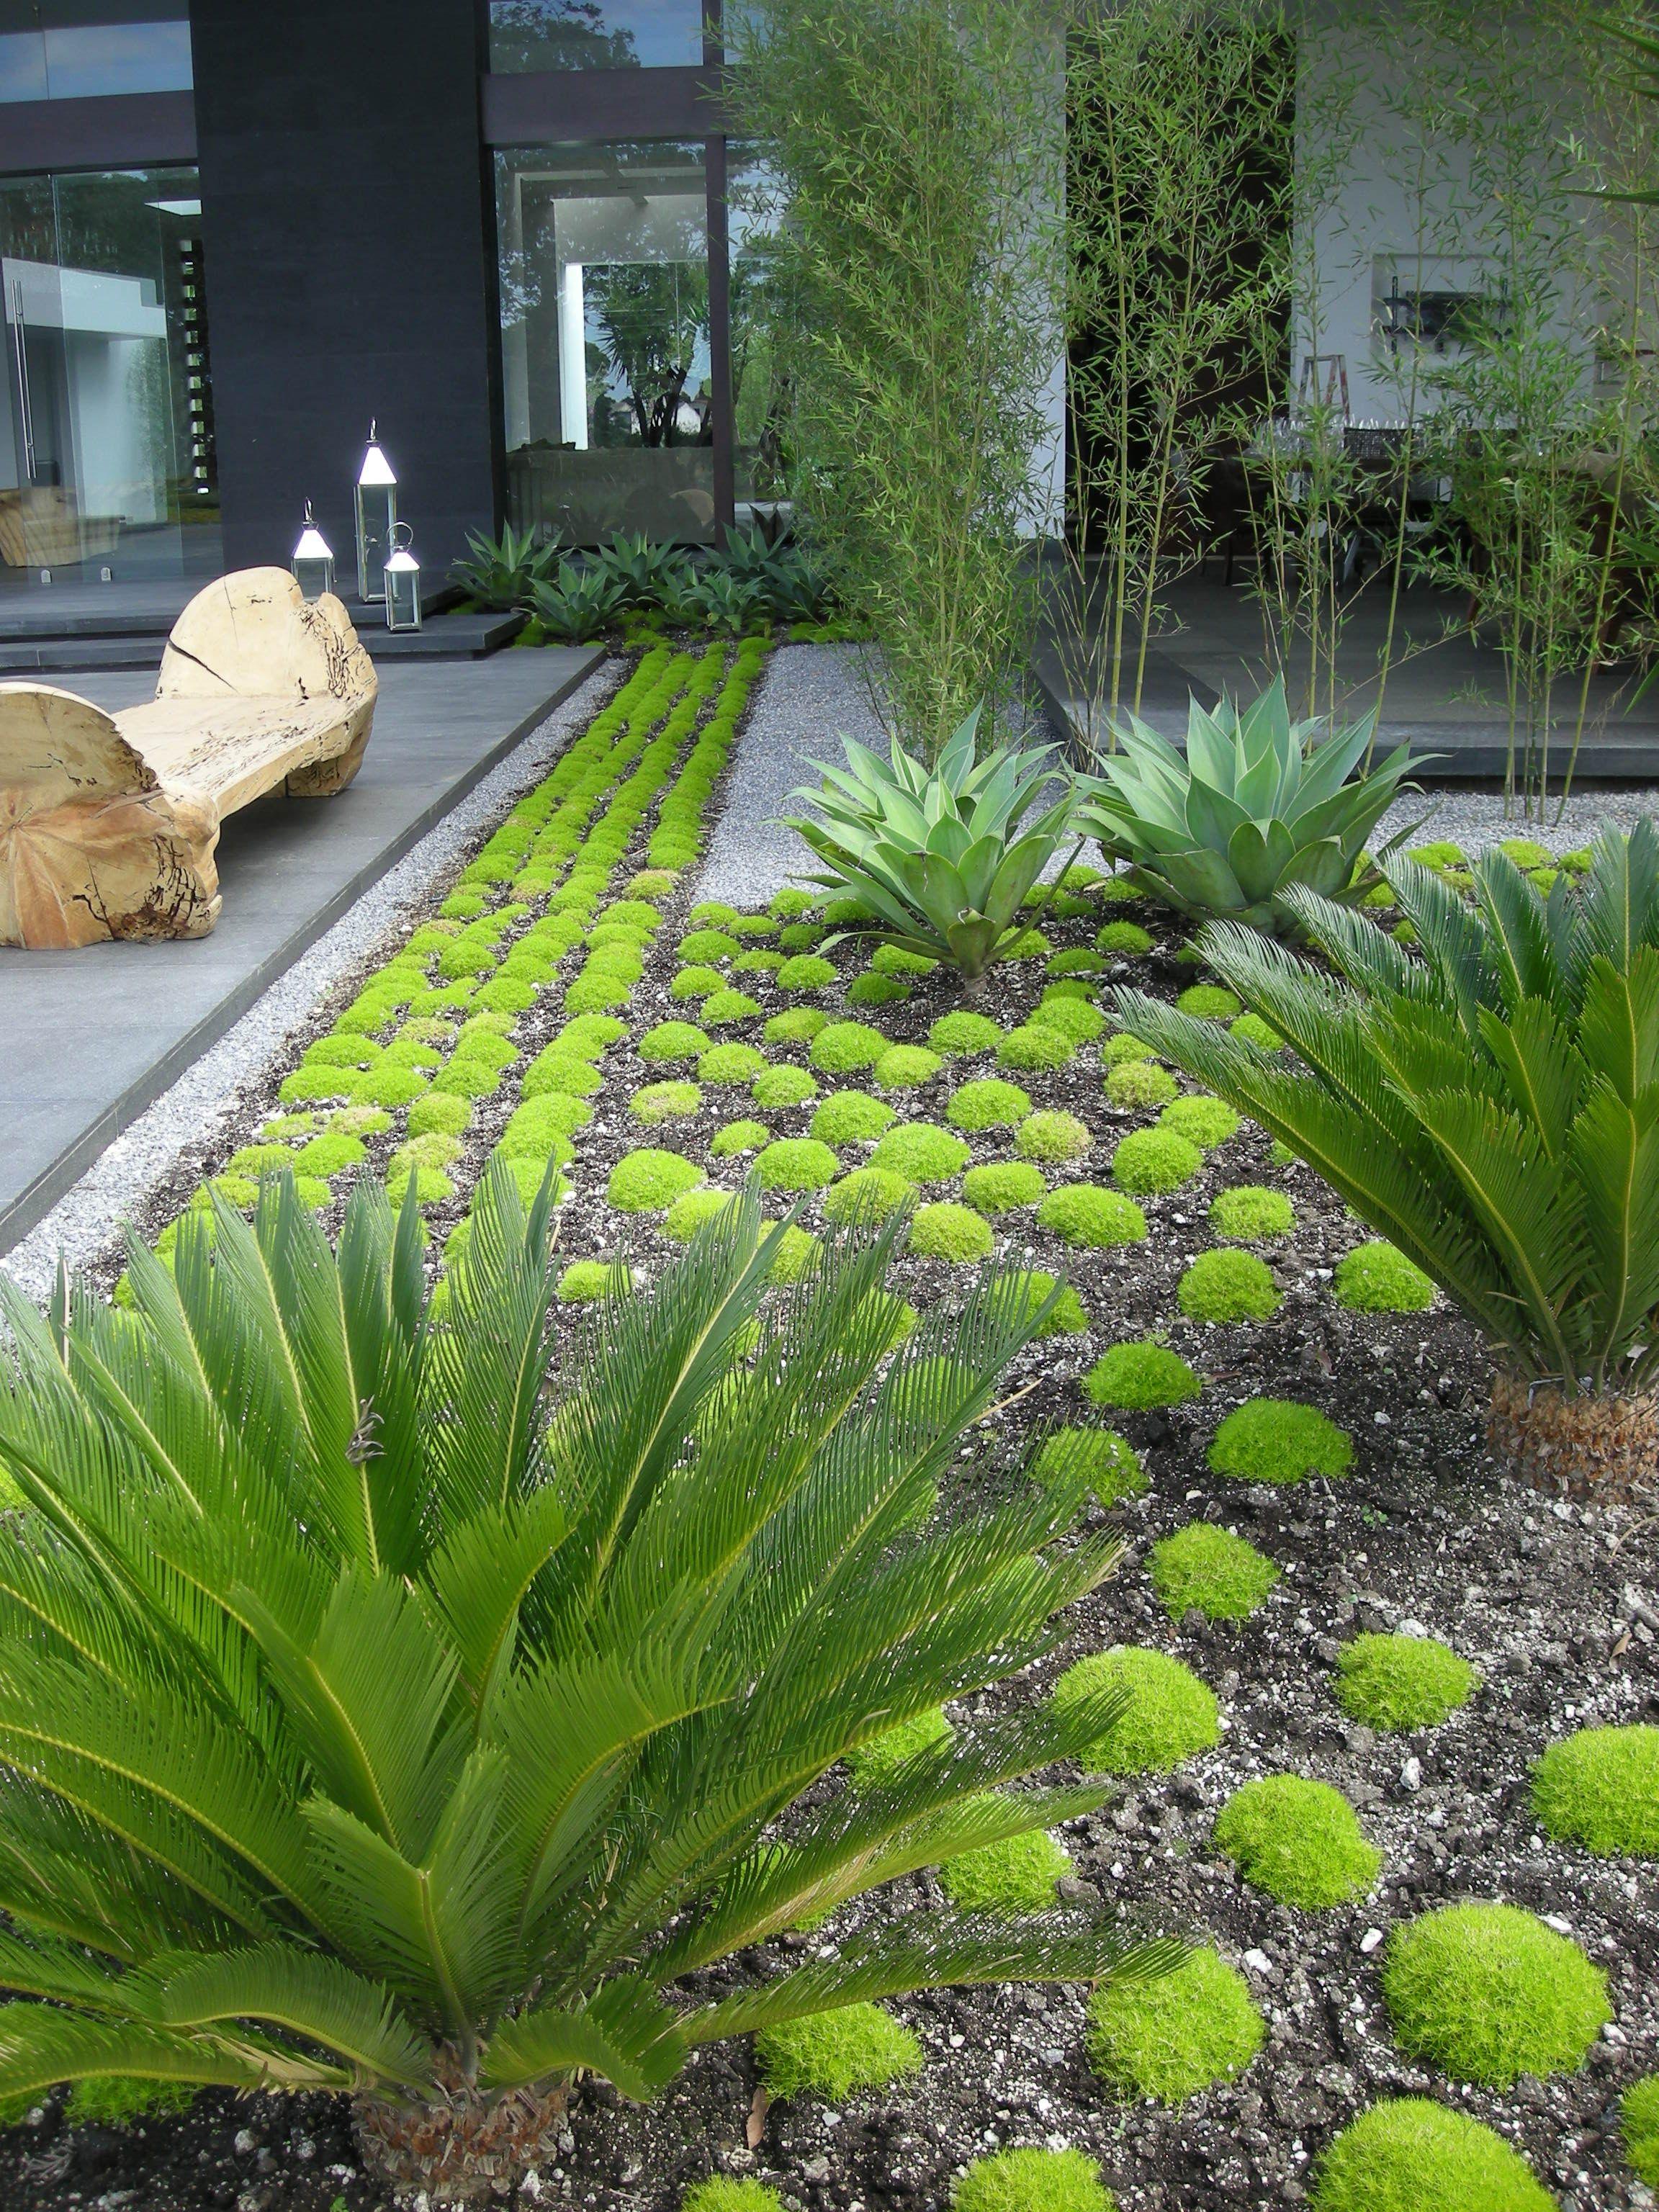 City Garden Design Ideas: Private Garden In Guatemala City